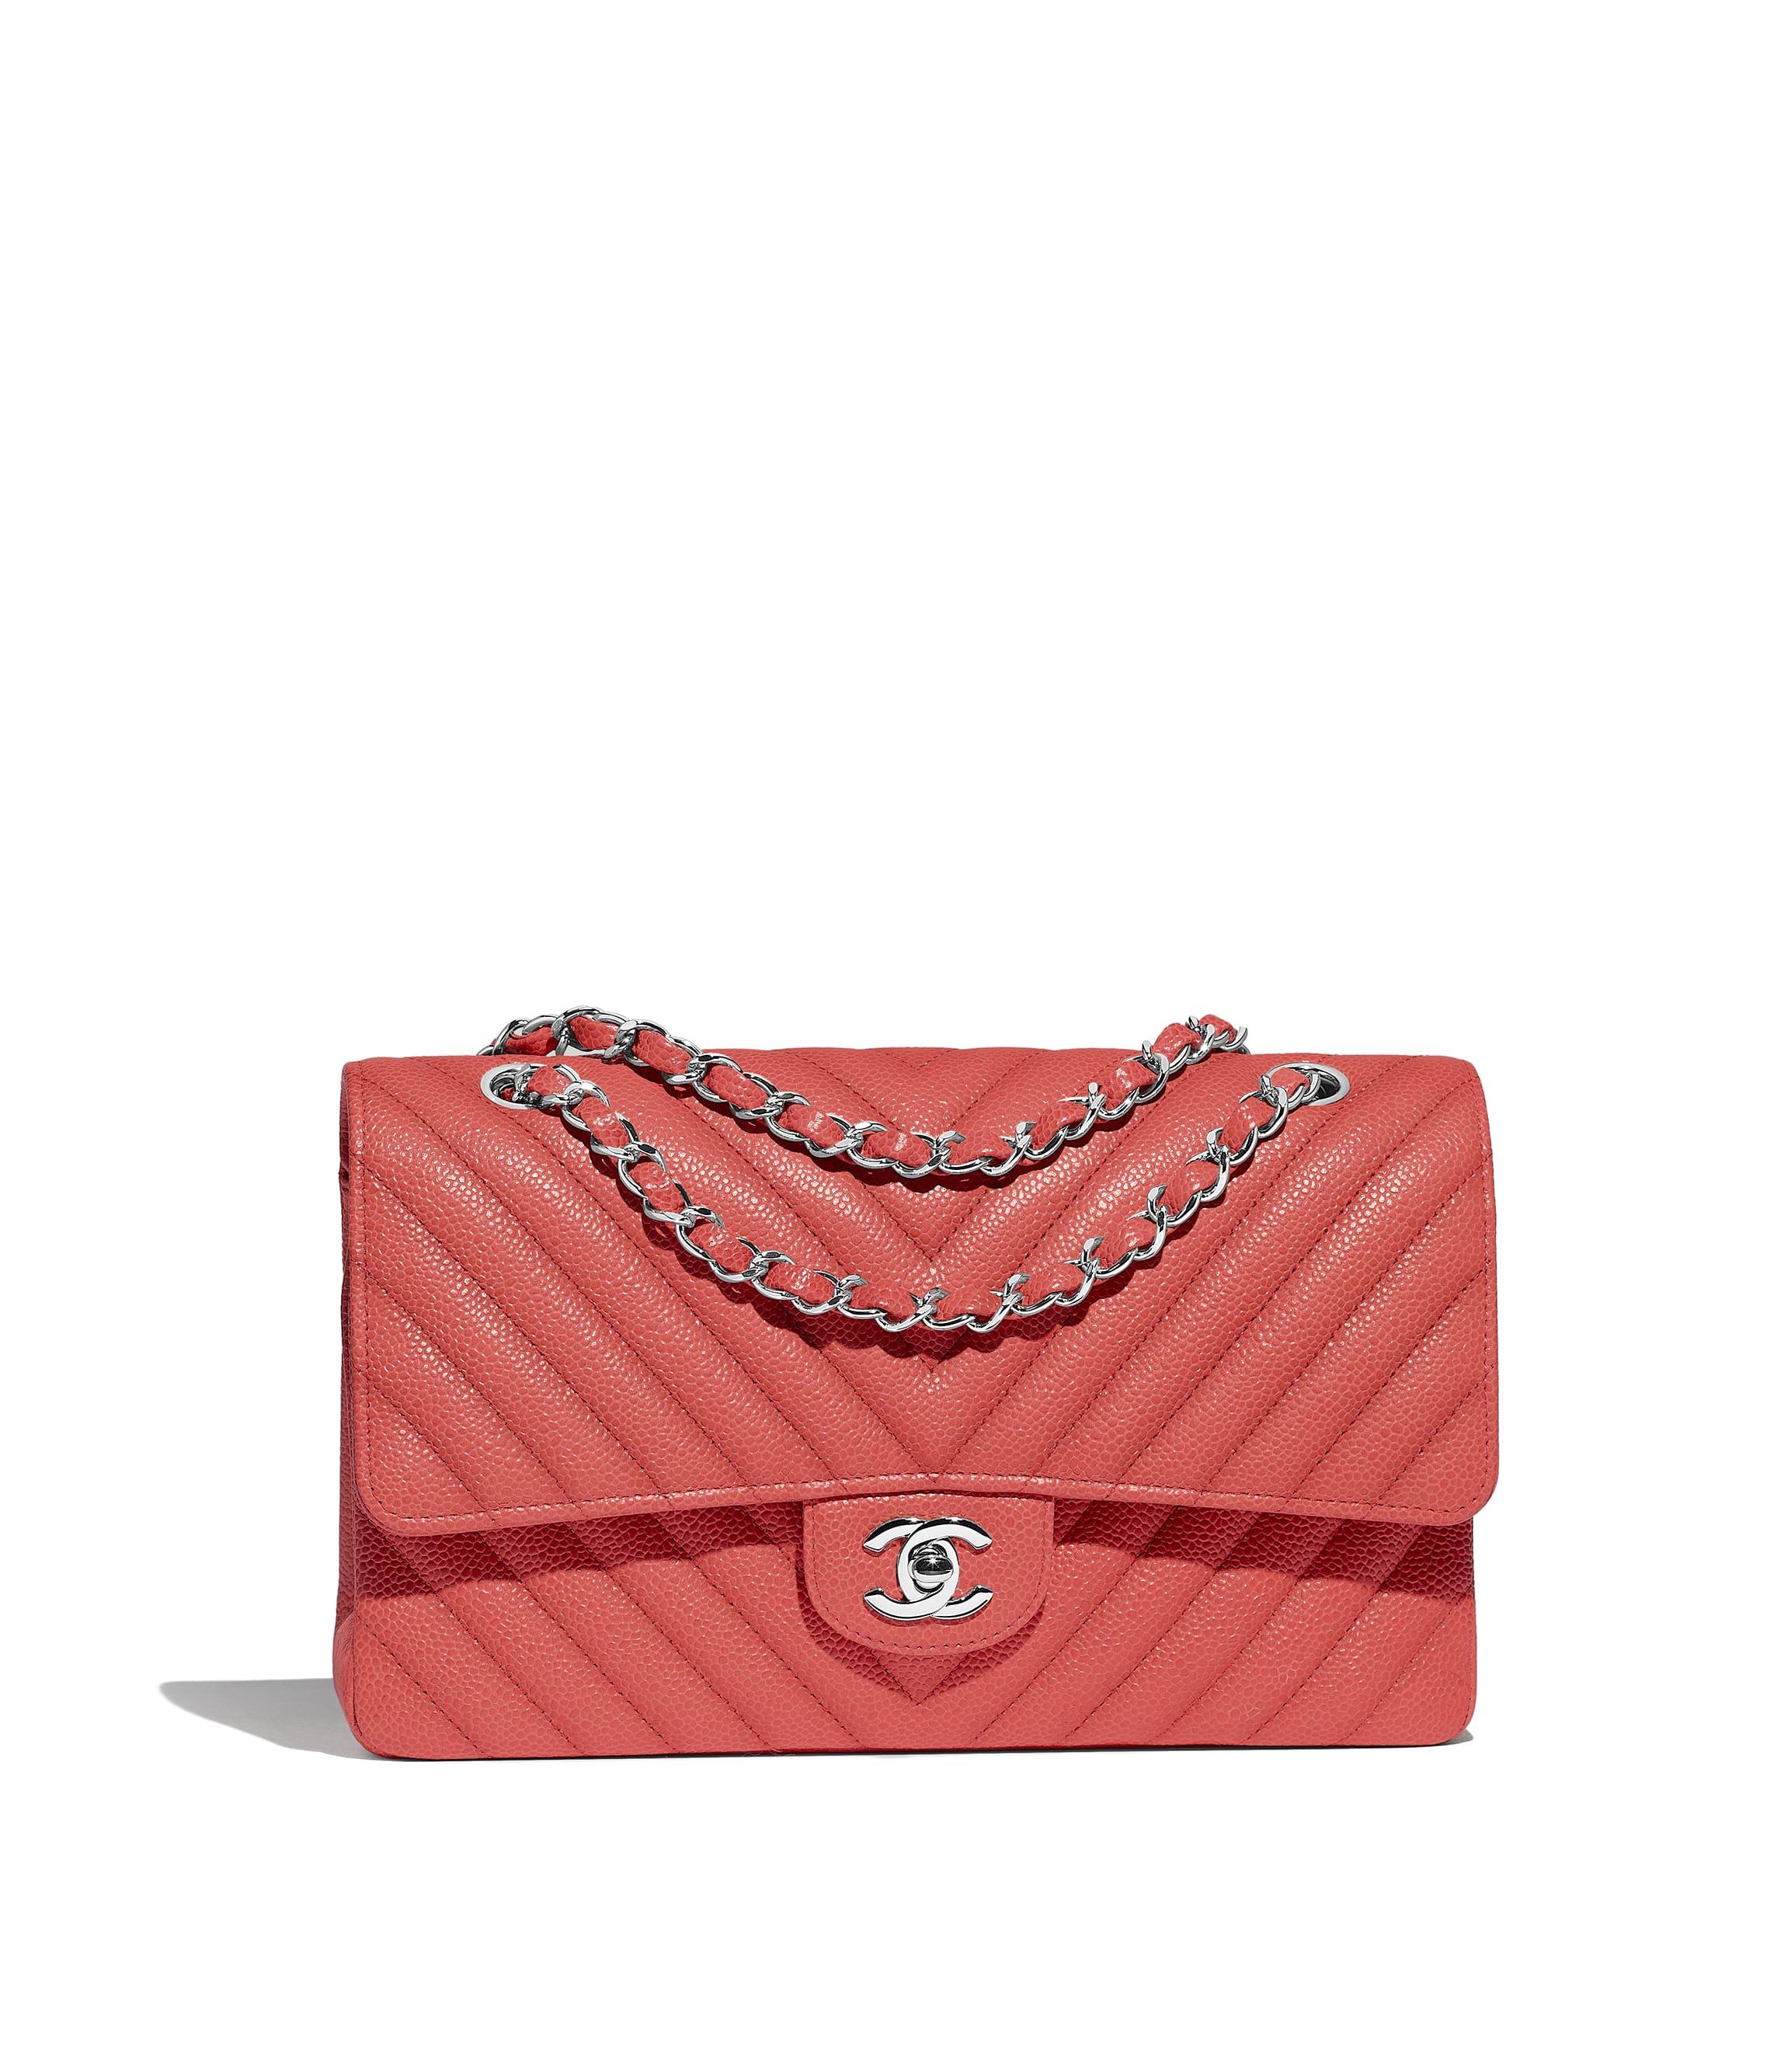 5ac96d70777d Classic Handbags - Handbags - CHANEL